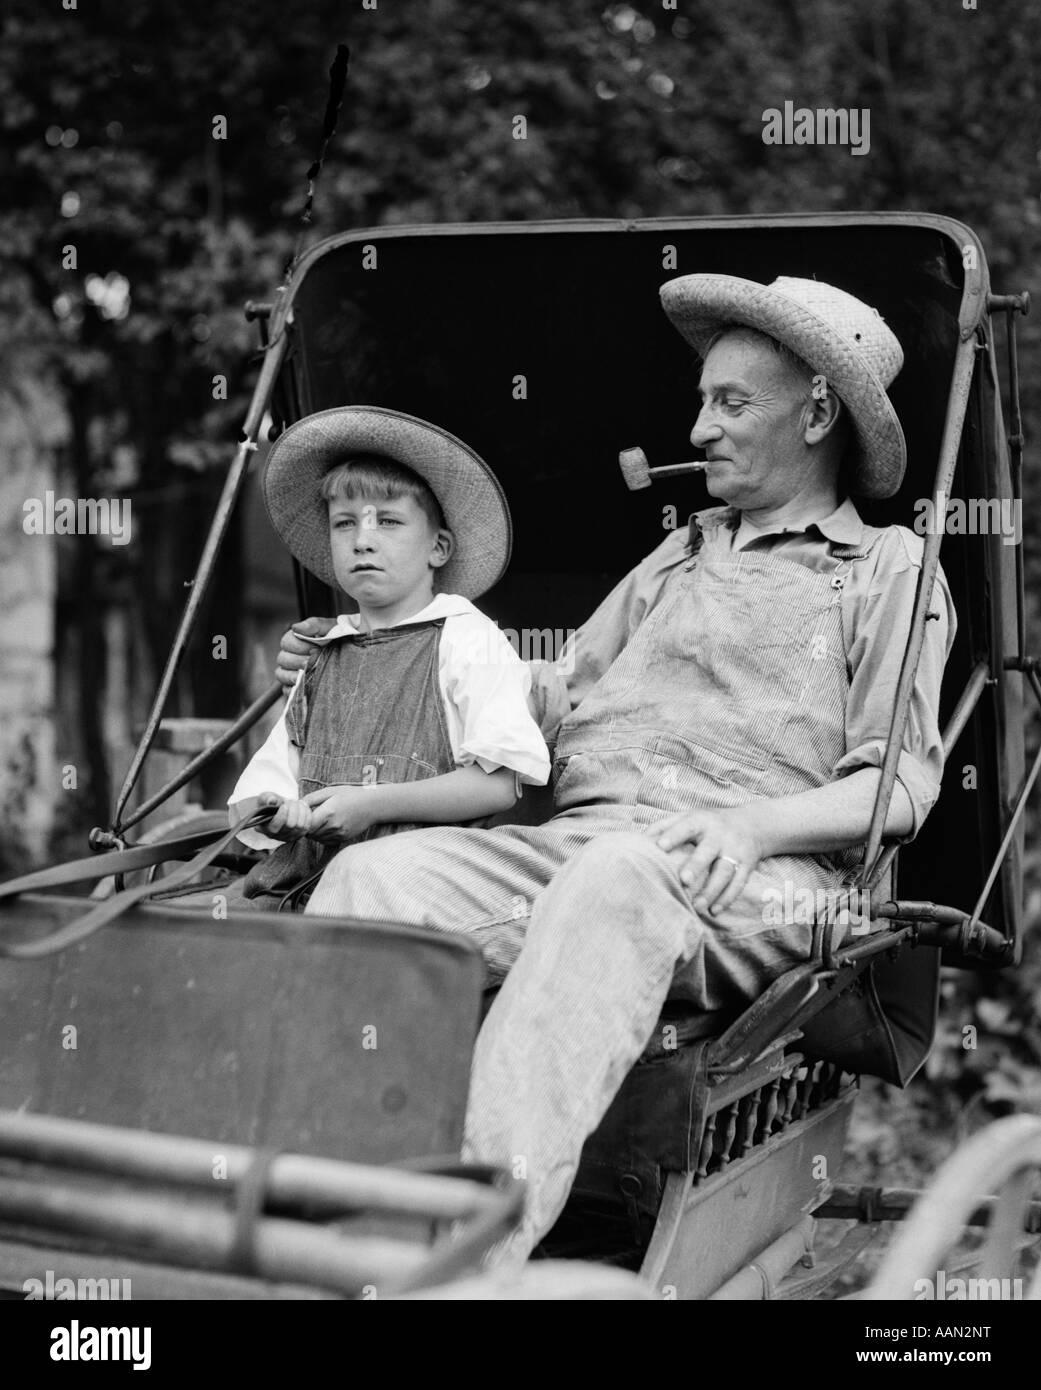 1930 Farm Boy & Grand-père dans des combinaisons et des chapeaux de paille assis dans de petits BUGGY Photo Stock